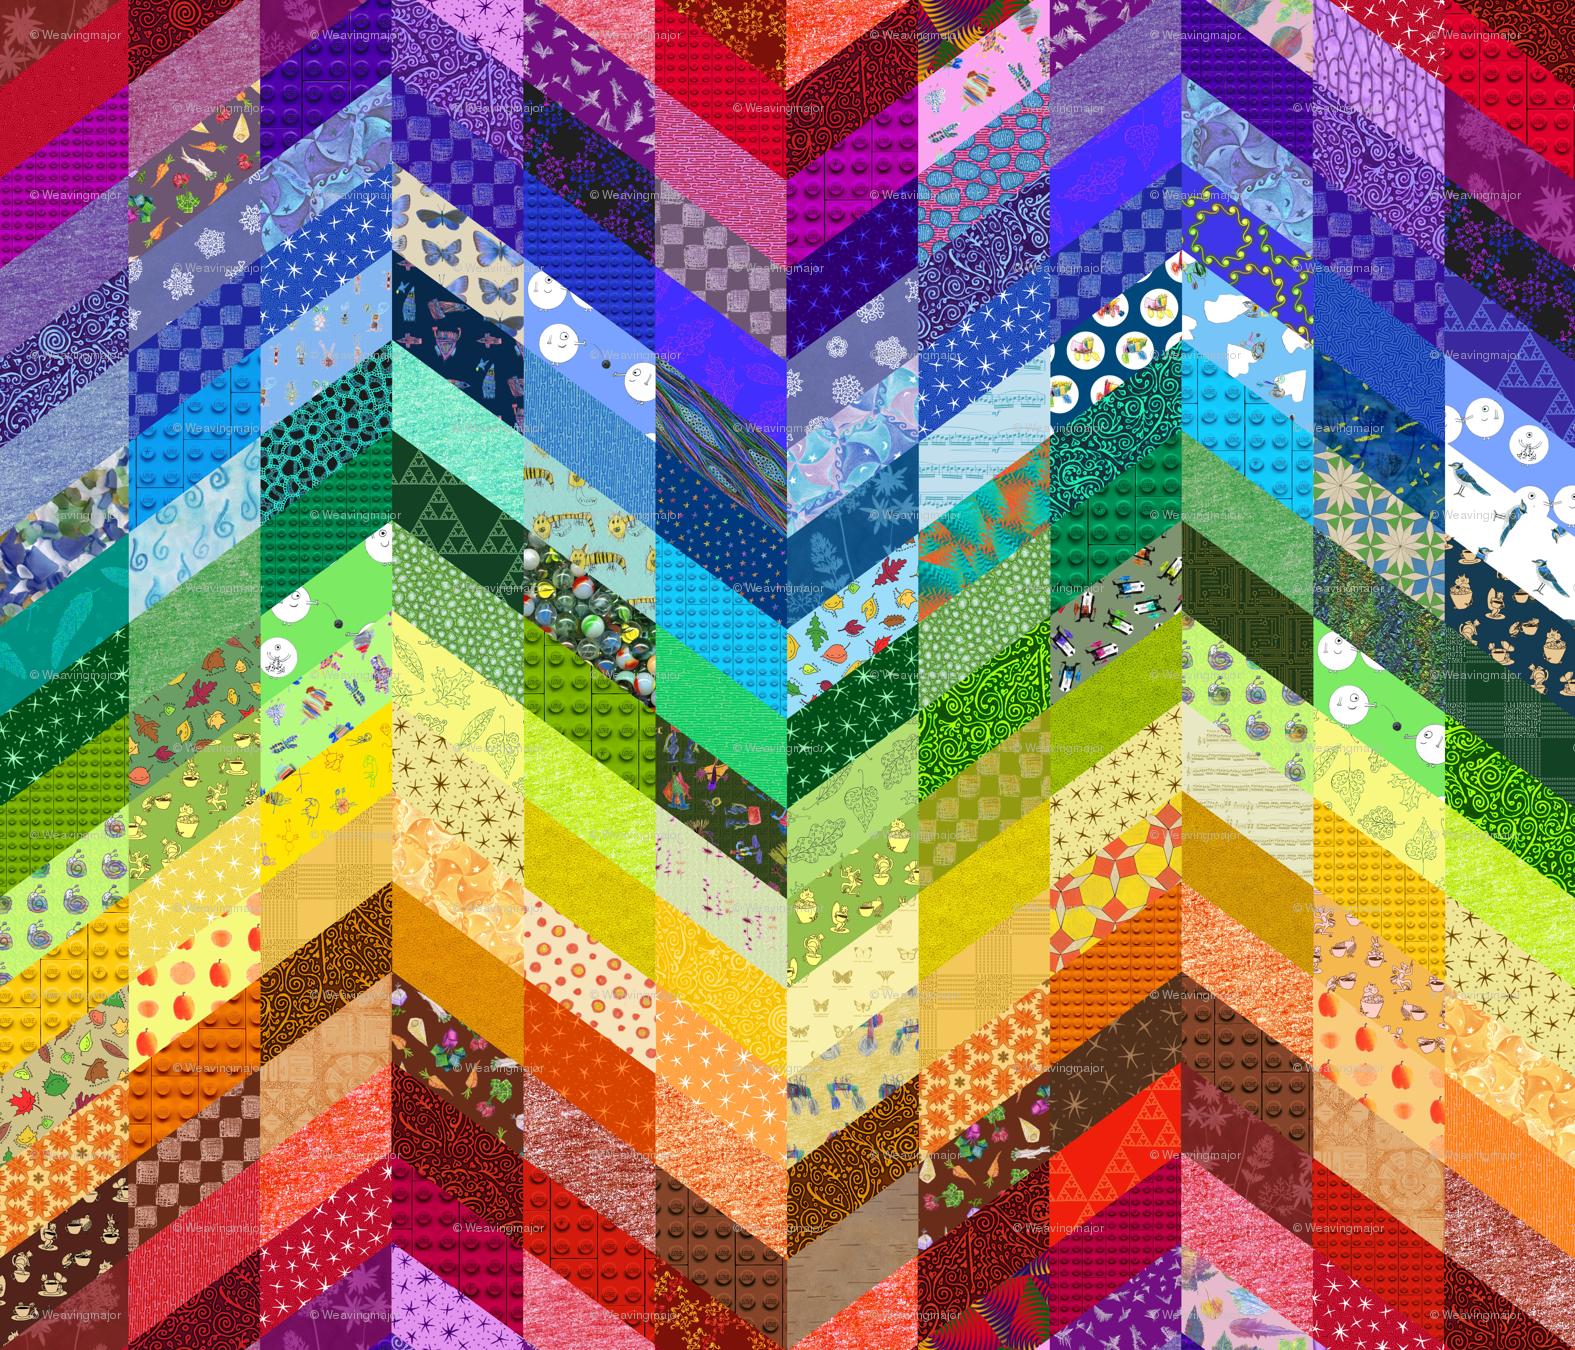 rrrrrr1378446 0 zigzag quilt8c highres